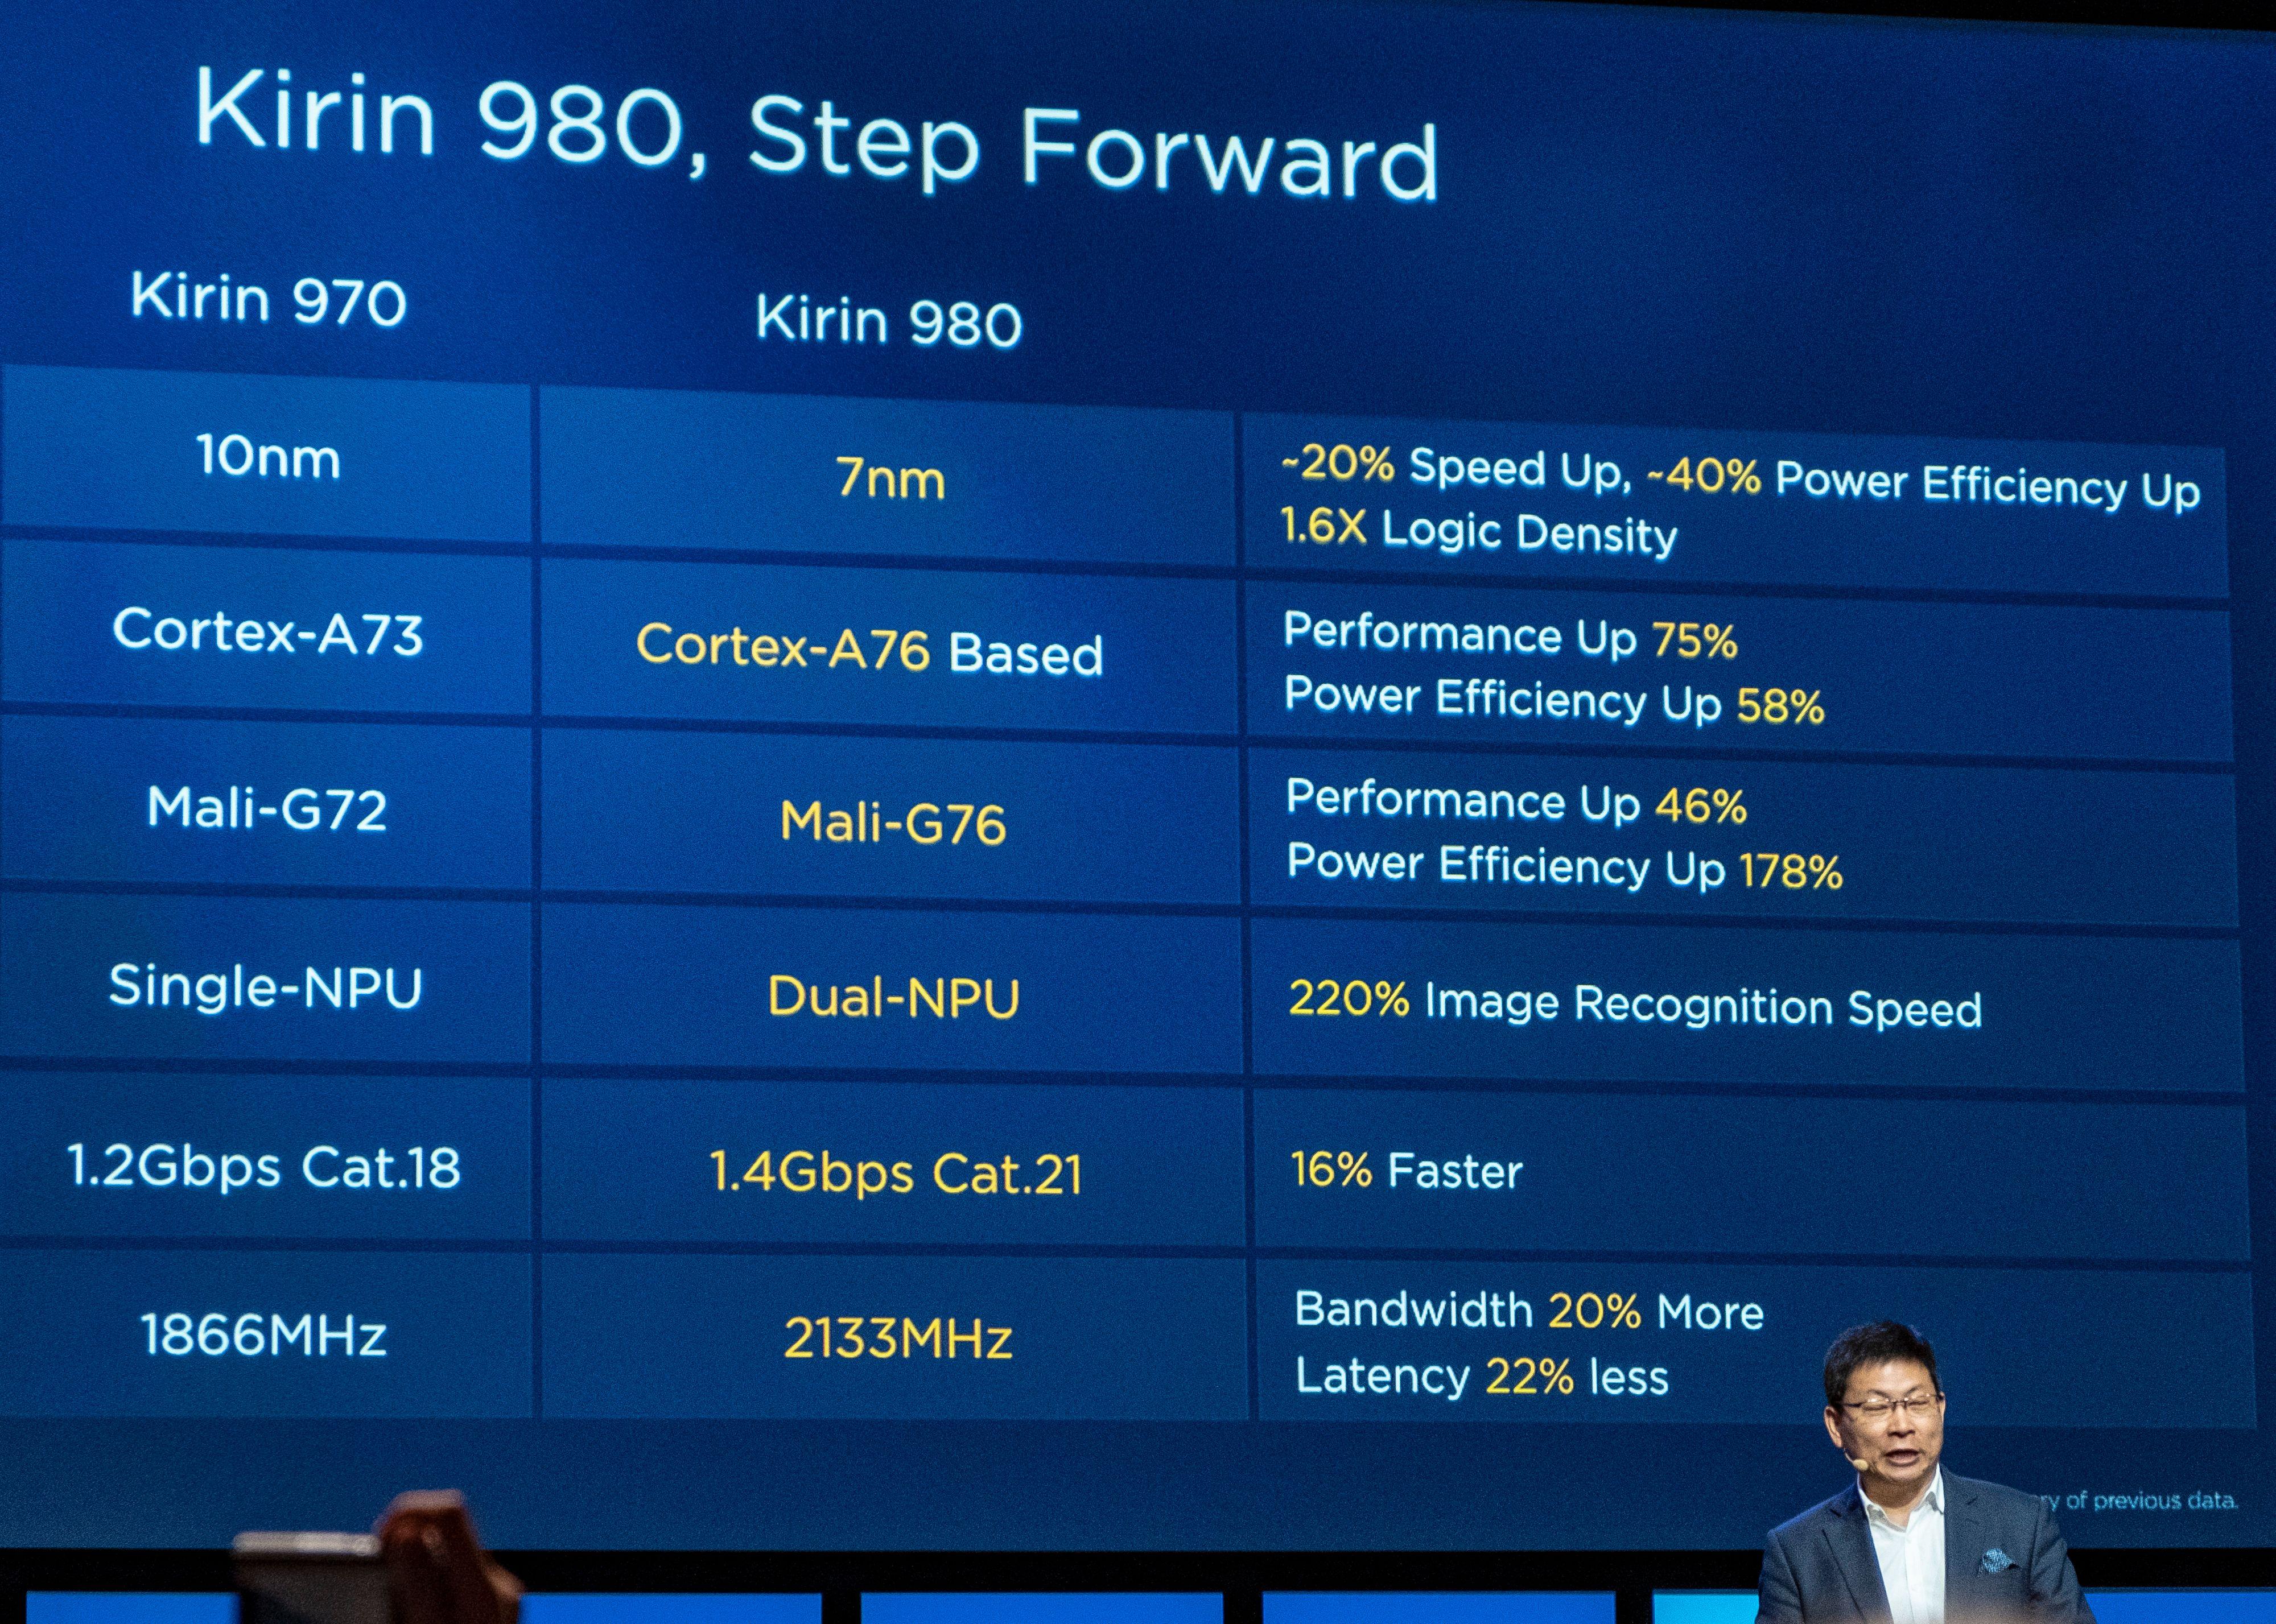 Huaweis mobilsjef, Richard Yu, presenterte nye Kirin 980 under sin tale her på IFA. Brikken er vesentlig raskere enn forrige generasjon, og støtter også 5G-modemet Balong 5000. Selskapet er altså klare til å lage 5G-mobiler ganske umiddelbart.